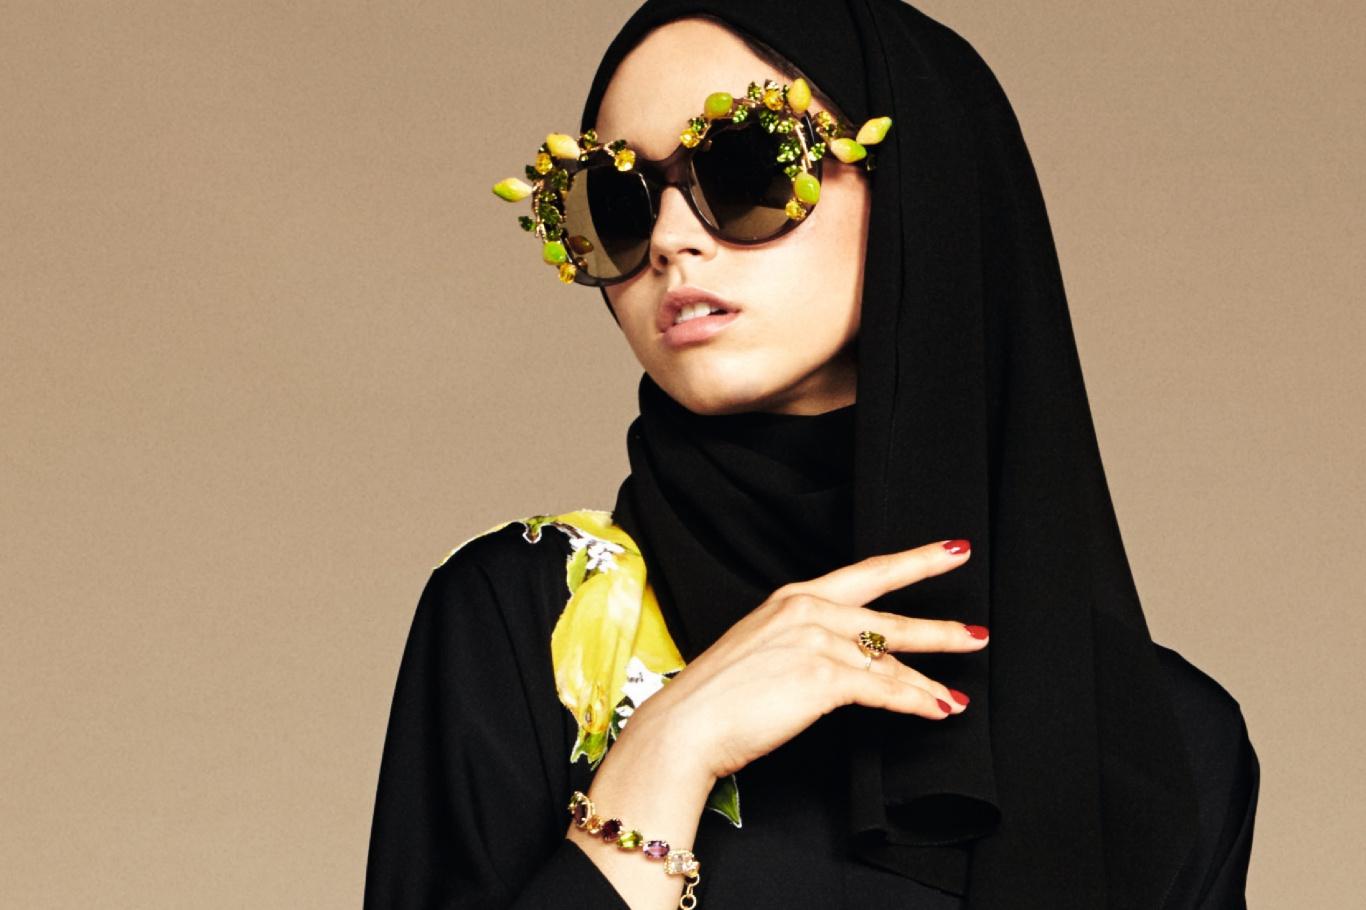 Nieuw! Dolce & Gabbana Midden Oosten: Hoofddoeken en abayas